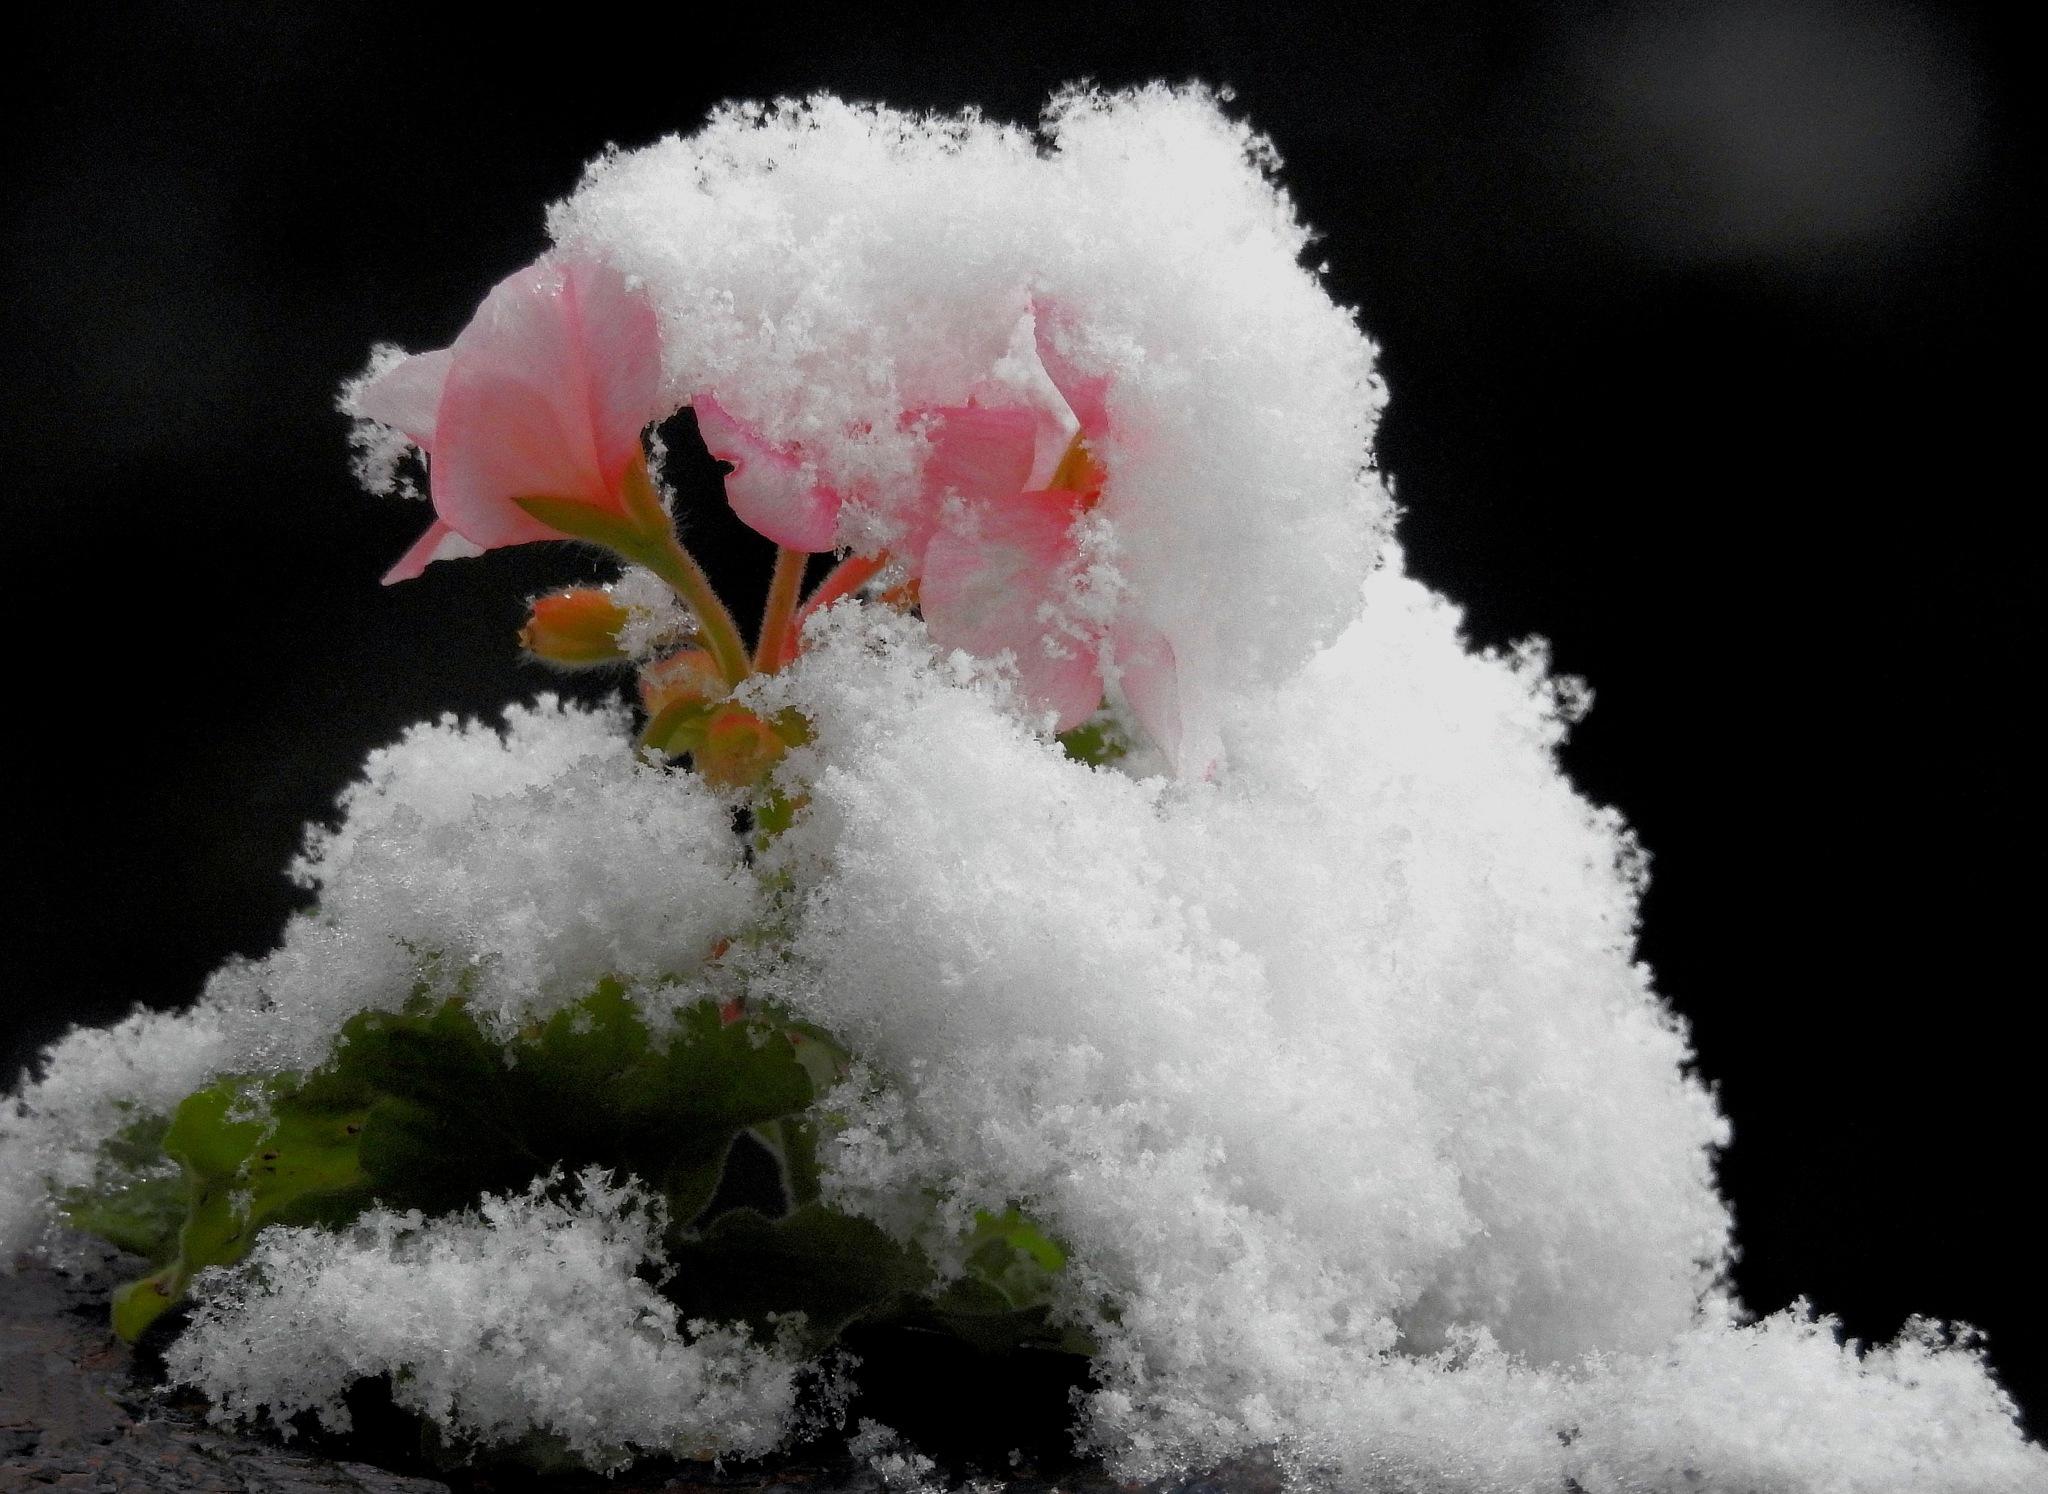 27 - 2- 2018 - La Neu i la Flor - The Snow And the Flower - 1 by Mister Arnauna & Gatto Giuggiolone